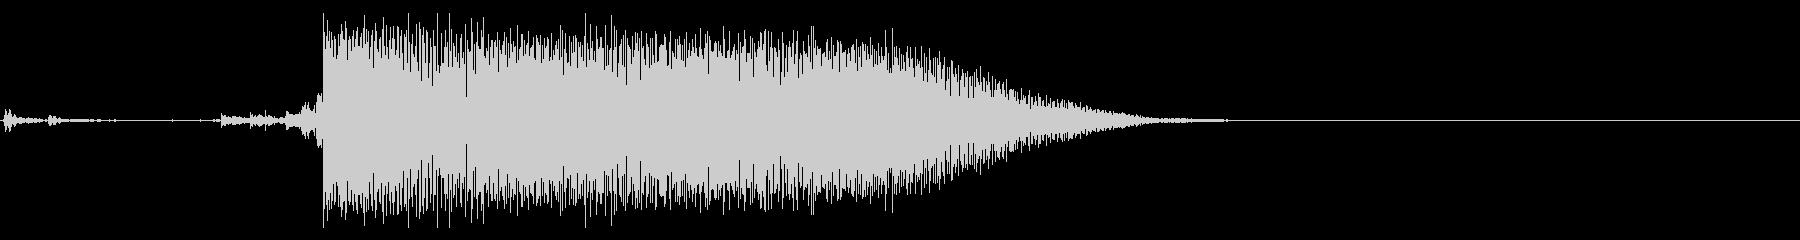 【生録音】ステンレス・スプーンの音 1の未再生の波形